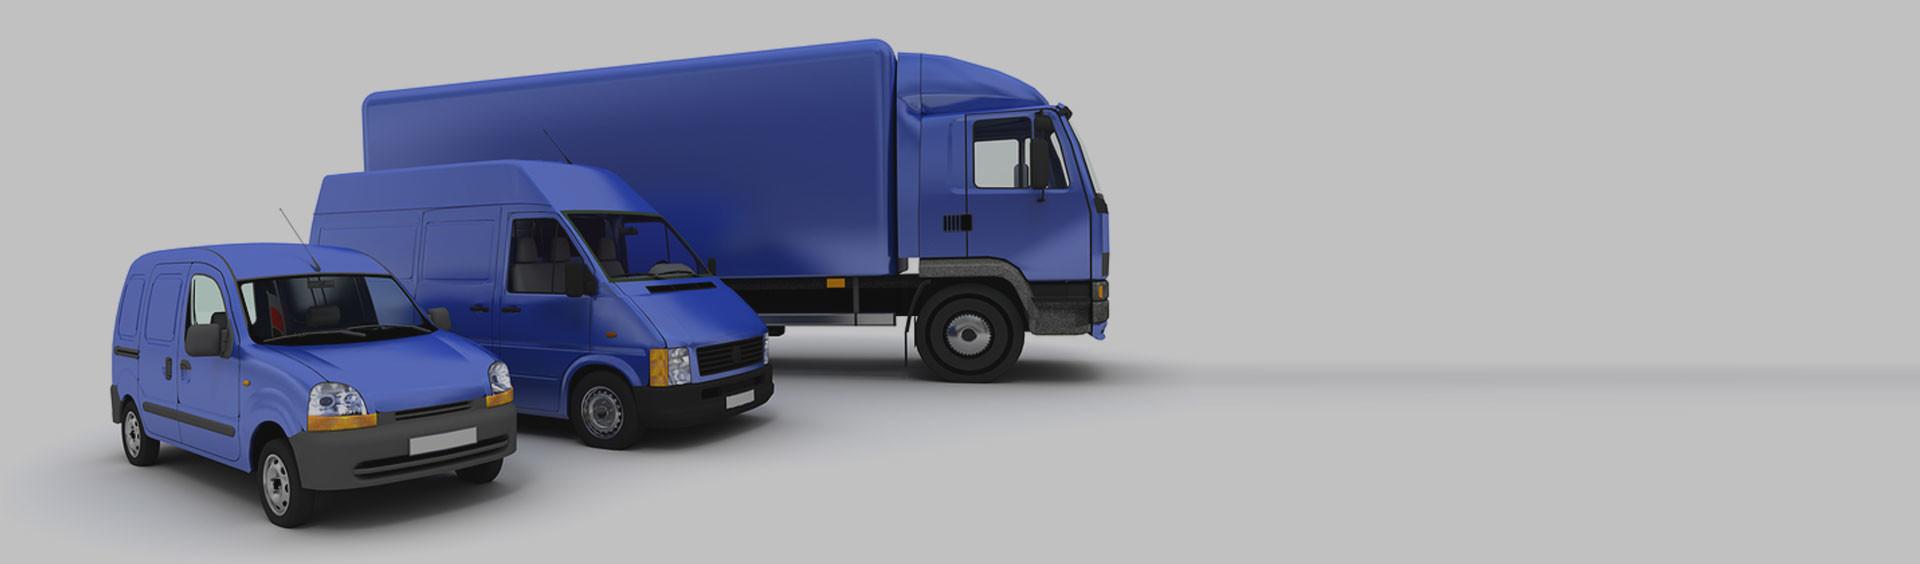 trucksSlideV2